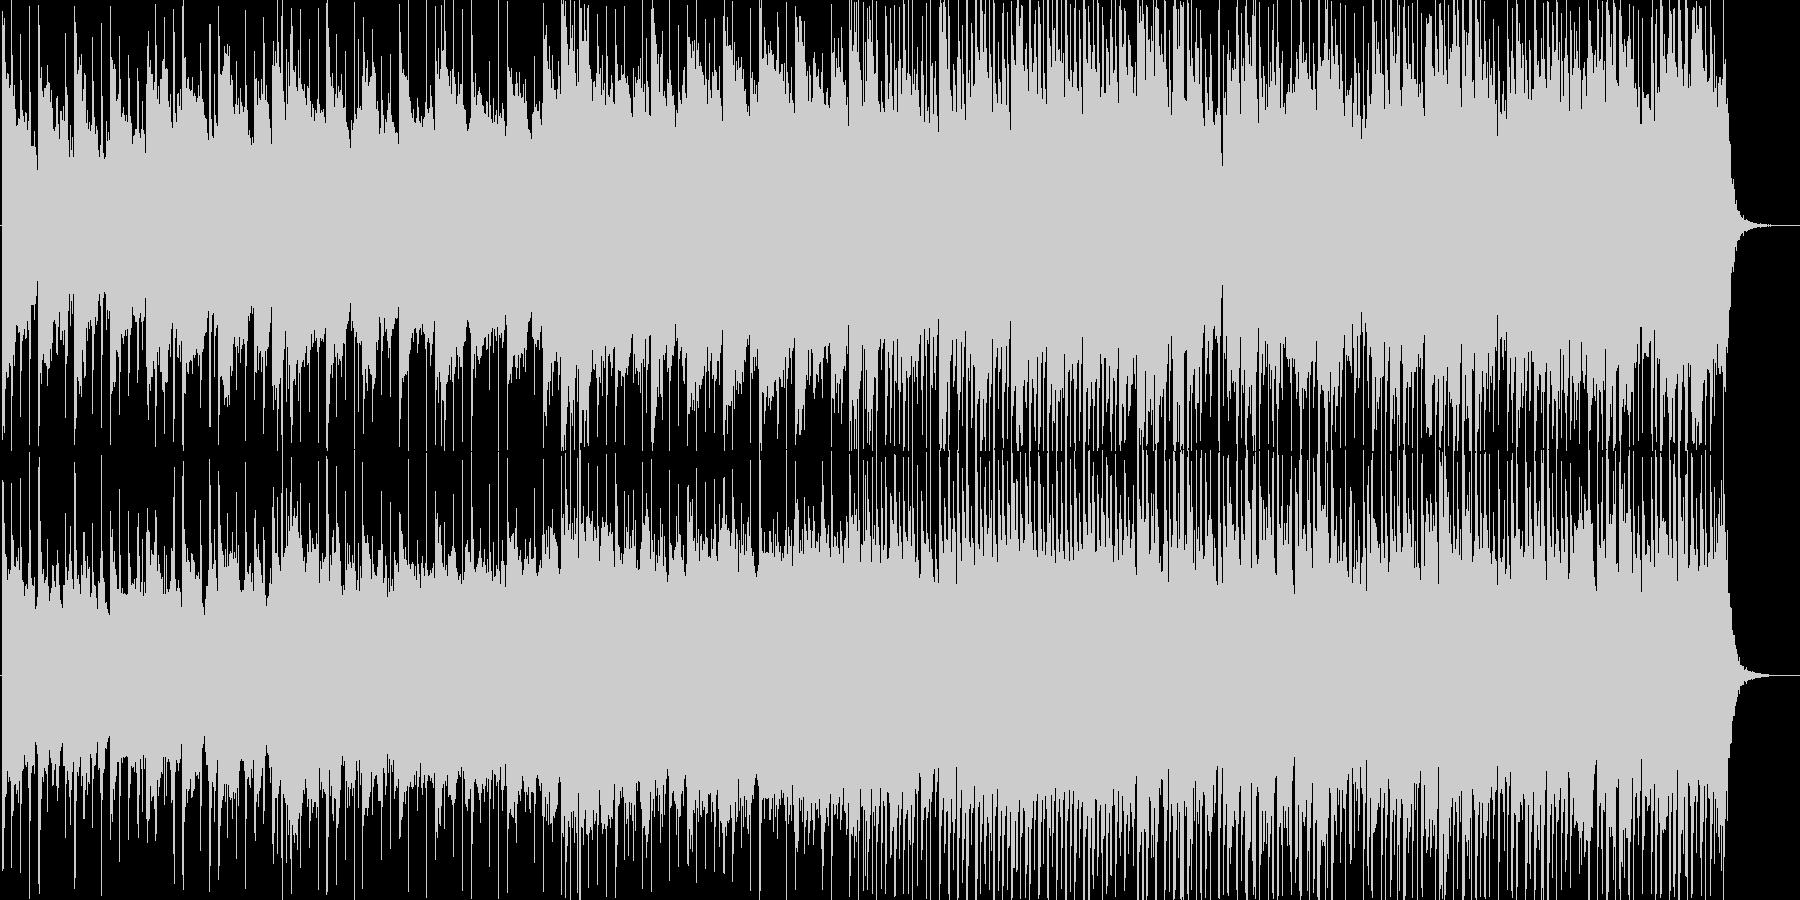 Life系のびやかなバンドサウンドの未再生の波形